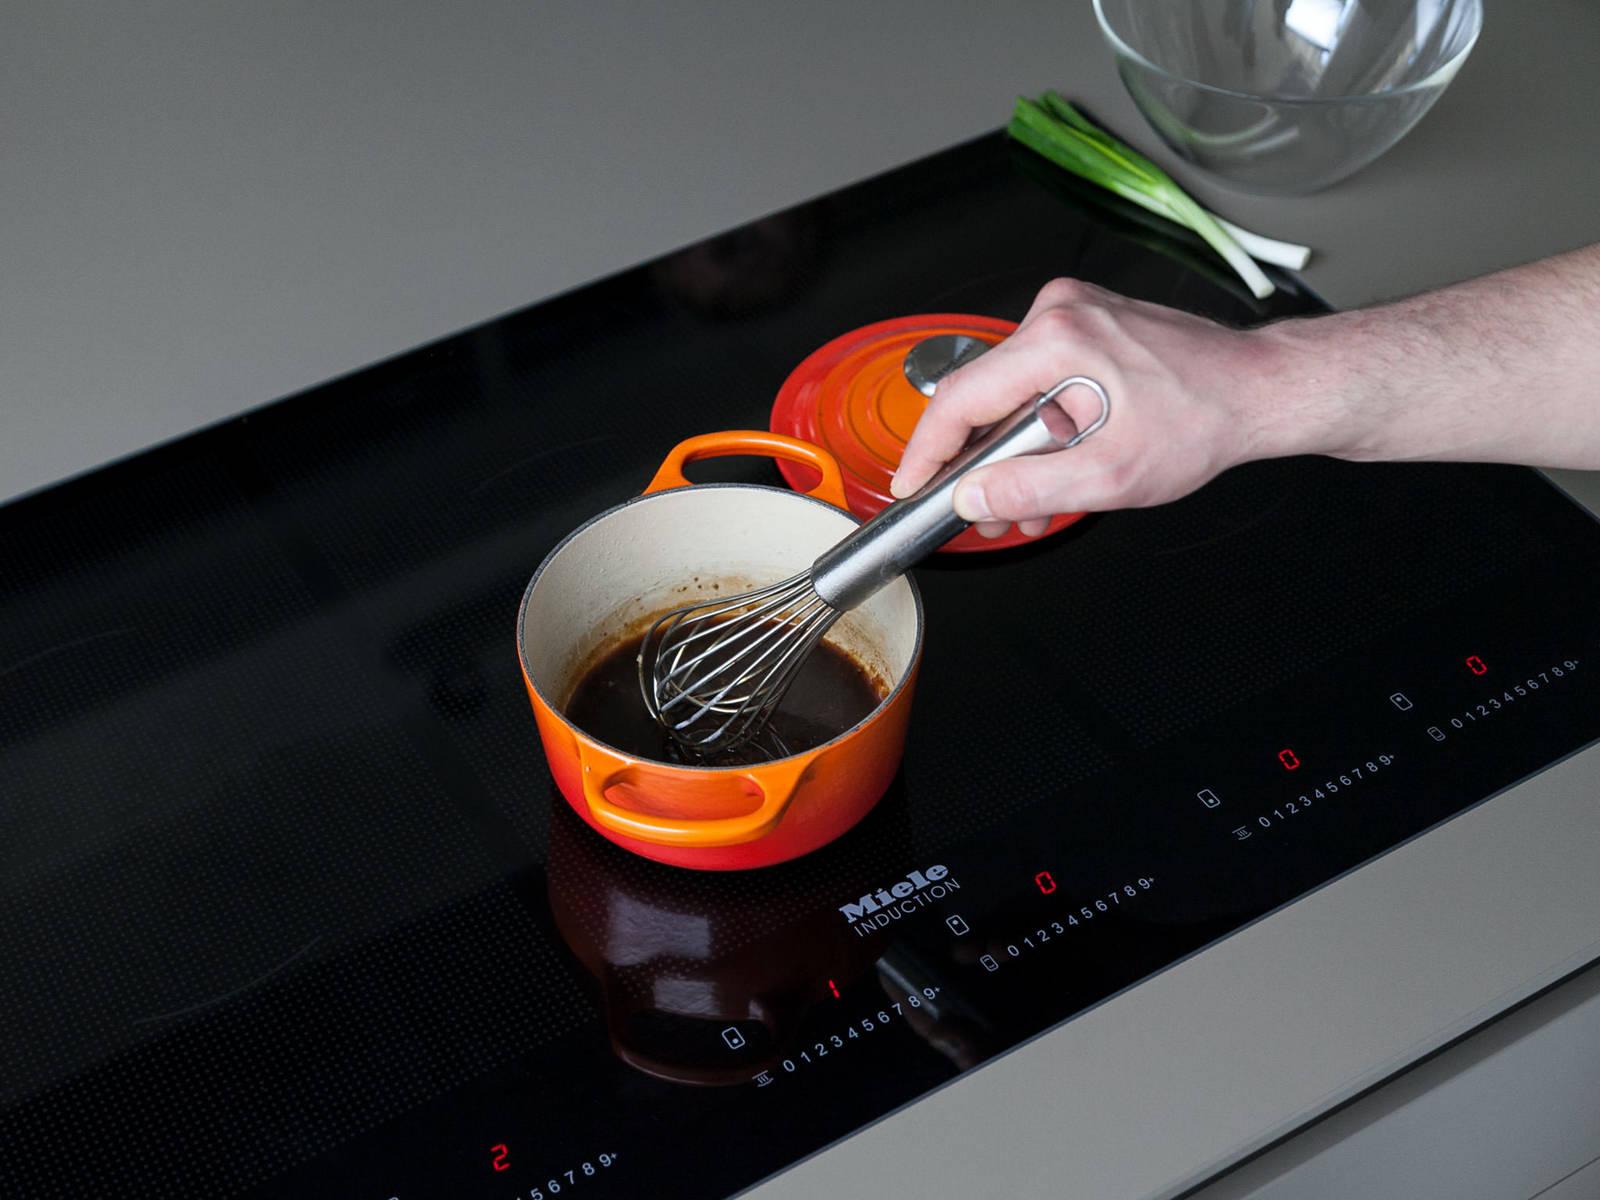 在小平底锅中热油。小火翻炒蒜末2分钟,直至发出香味。倒入汤汁、剩余的生抽、蚝油和淀粉,煨5分钟。在白菜卷上撒青葱,倒上酱汁,搭配米饭。尽情享用吧!